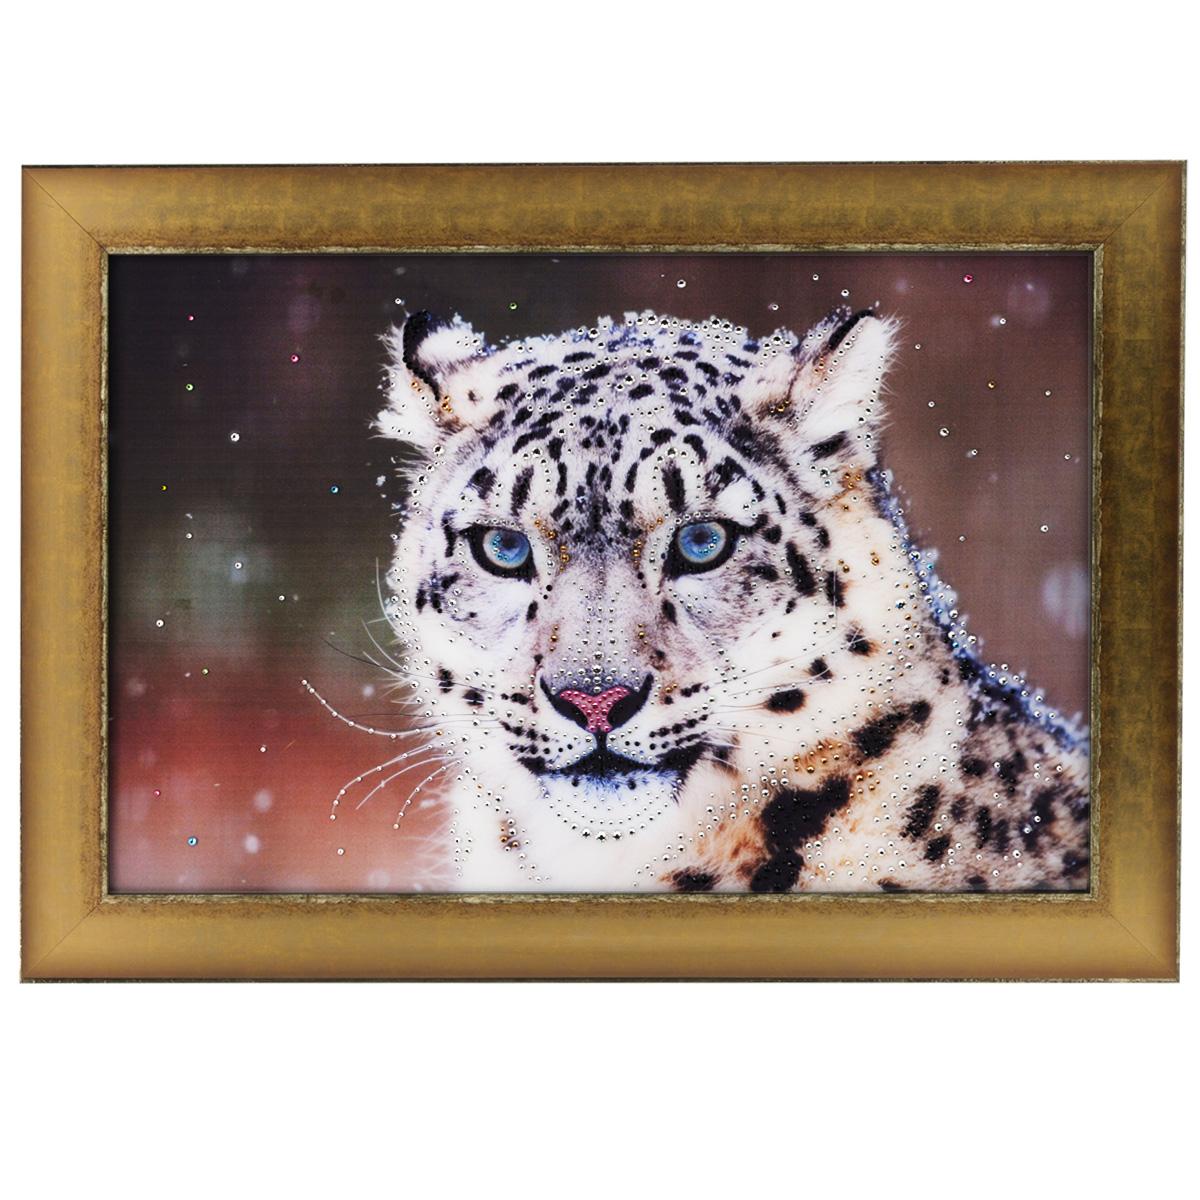 Картина с кристаллами Swarovski Снежный барс, 70 см х 50 смPM-3303Изящная картина в багетной раме, инкрустирована кристаллами Swarovski, которые отличаются четкой и ровной огранкой, ярким блеском и чистотой цвета. Красочное изображение снежного барса, расположенное под стеклом, прекрасно дополняет блеск кристаллов. С обратной стороны имеется металлическая проволока для размещения картины на стене. Картина с кристаллами Swarovski Снежный барс элегантно украсит интерьер дома или офиса, а также станет прекрасным подарком, который обязательно понравится получателю. Блеск кристаллов в интерьере, что может быть сказочнее и удивительнее. Картина упакована в подарочную картонную коробку синего цвета и комплектуется сертификатом соответствия Swarovski.